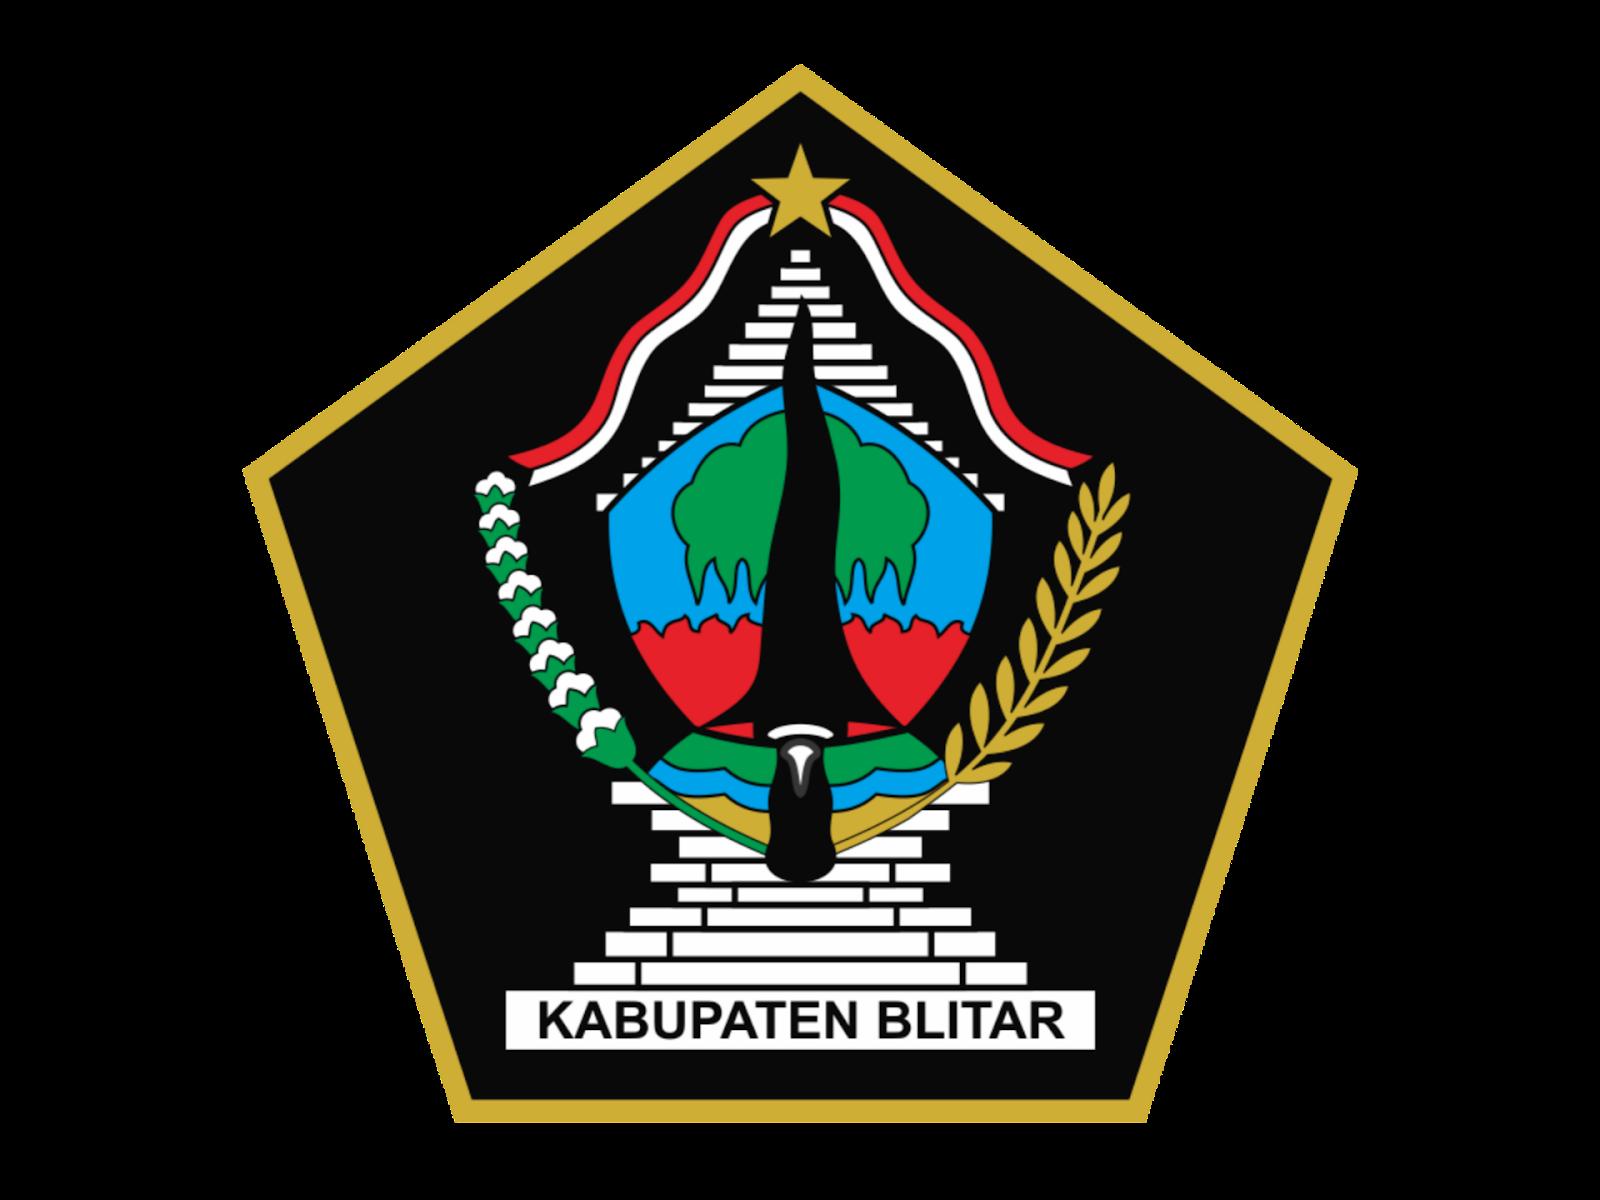 Logo Kabupaten Blitar Format PNG